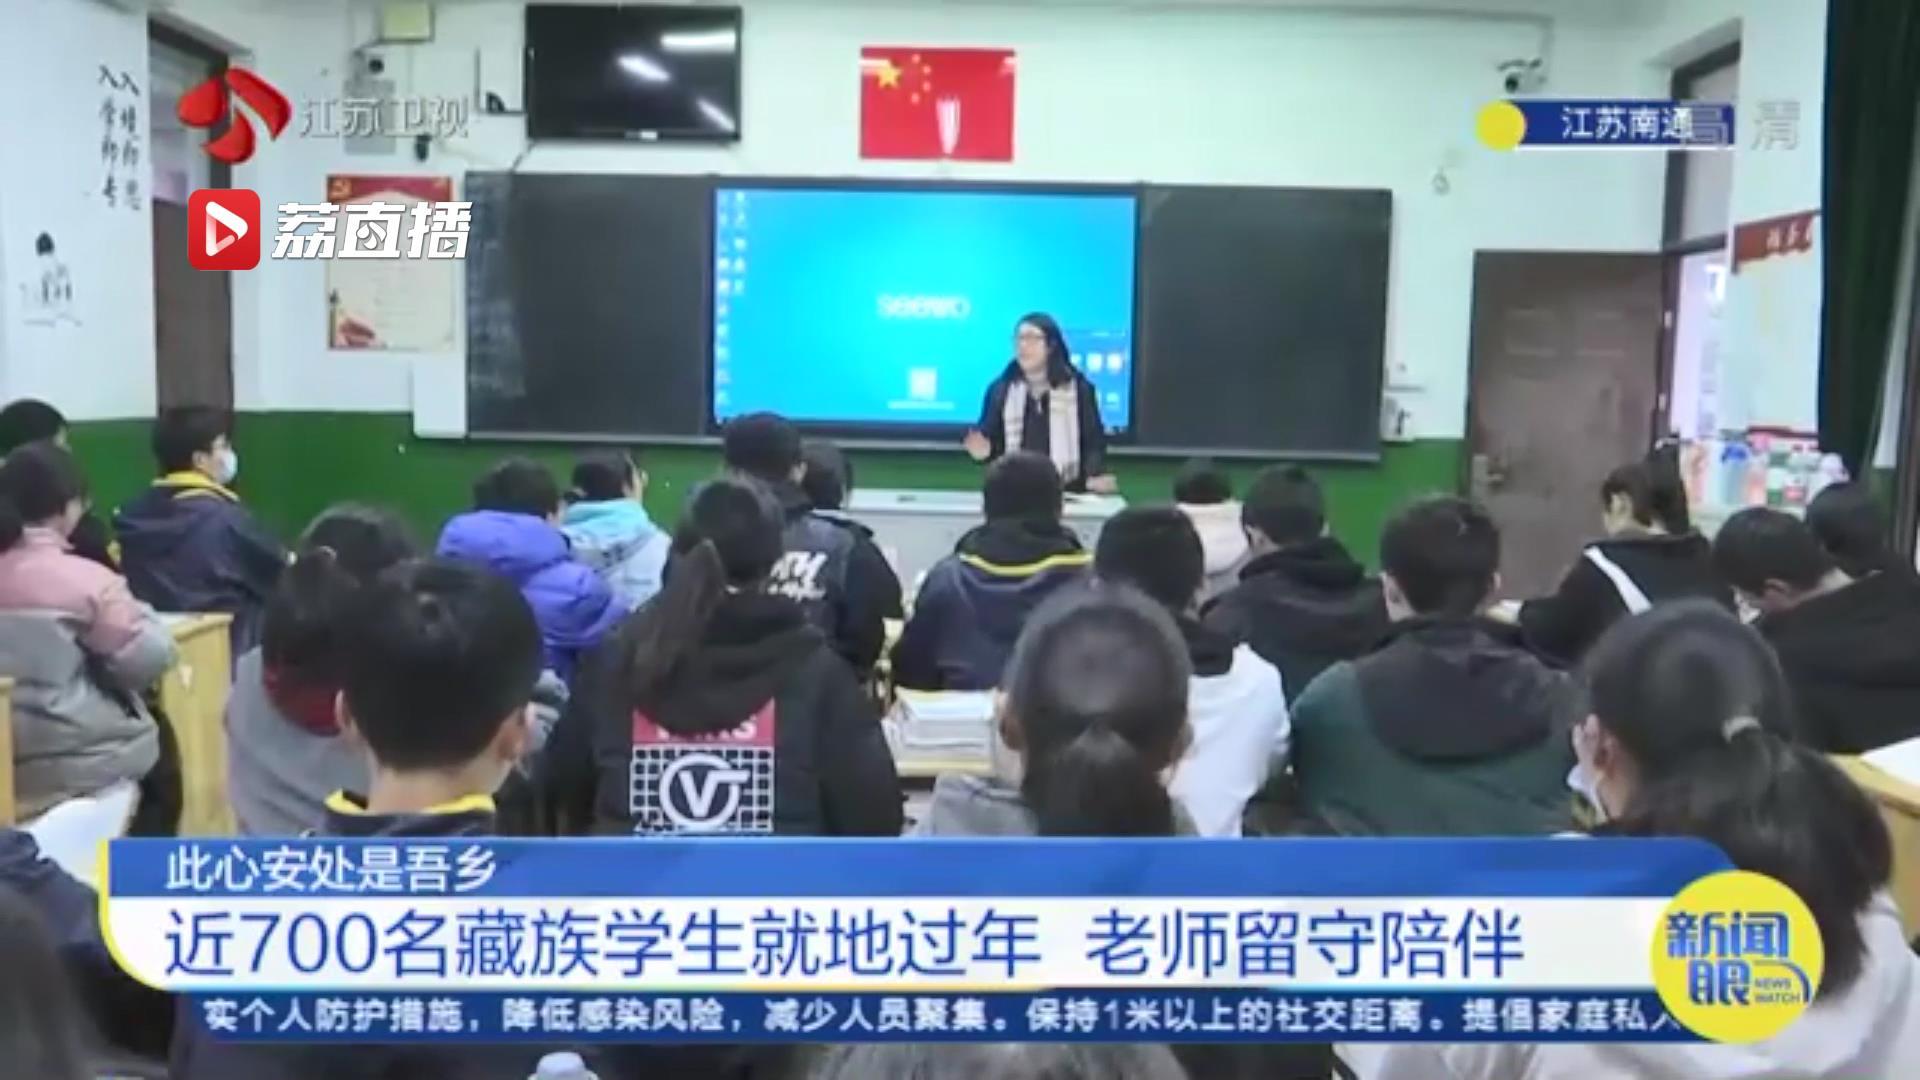 充实而别样的寒假!近700名藏族学生南通就地过年 老师留守陪伴